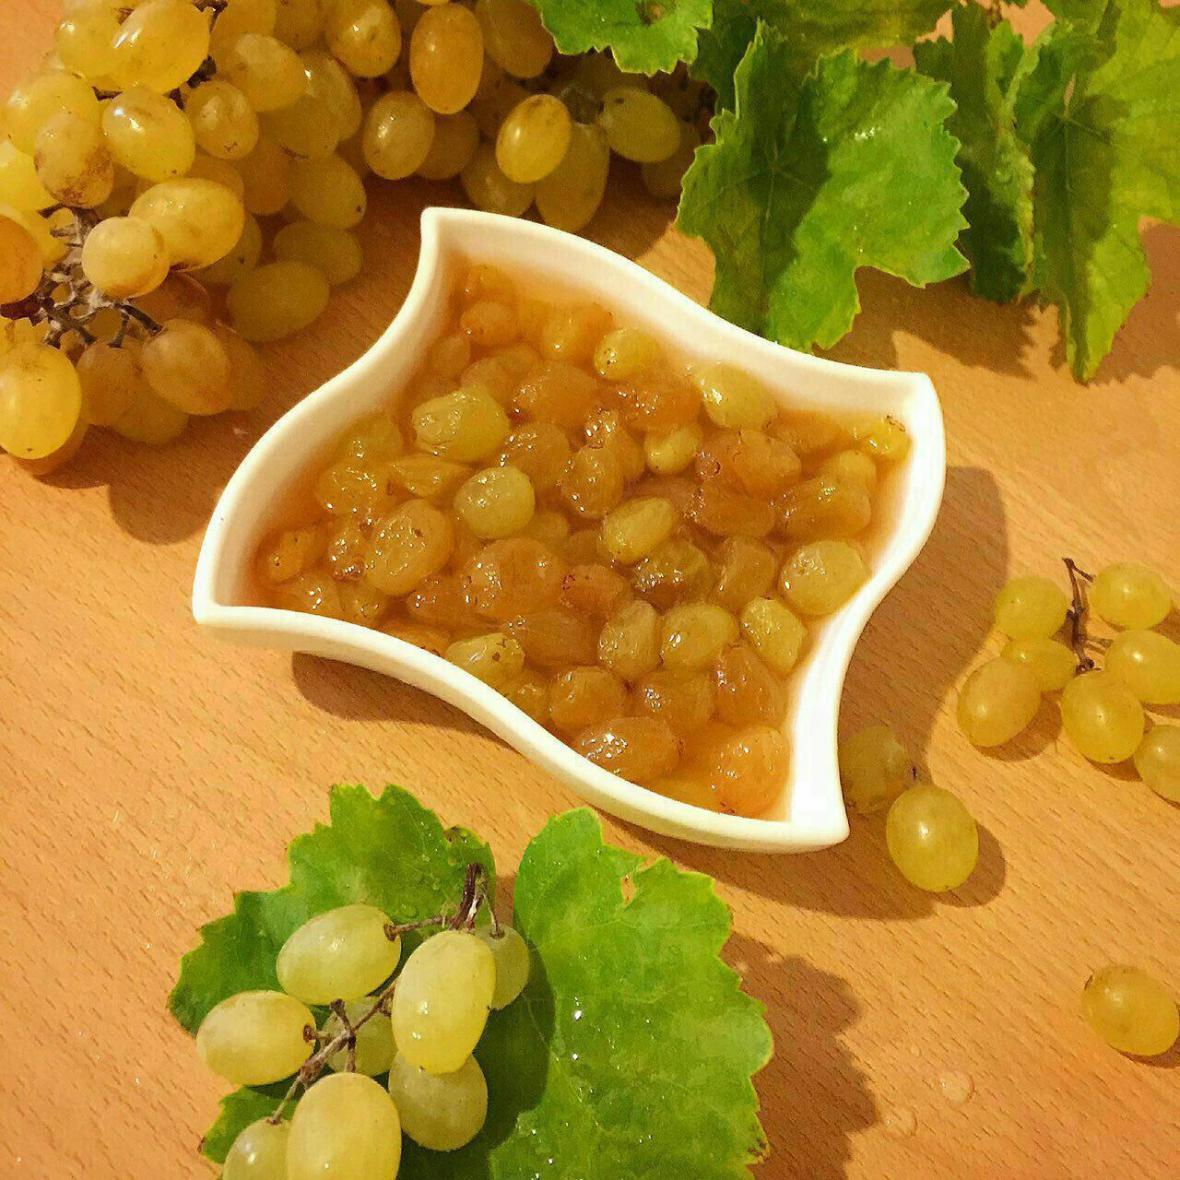 طرز تهیه مربای انگور به همراه نکات کلیدی